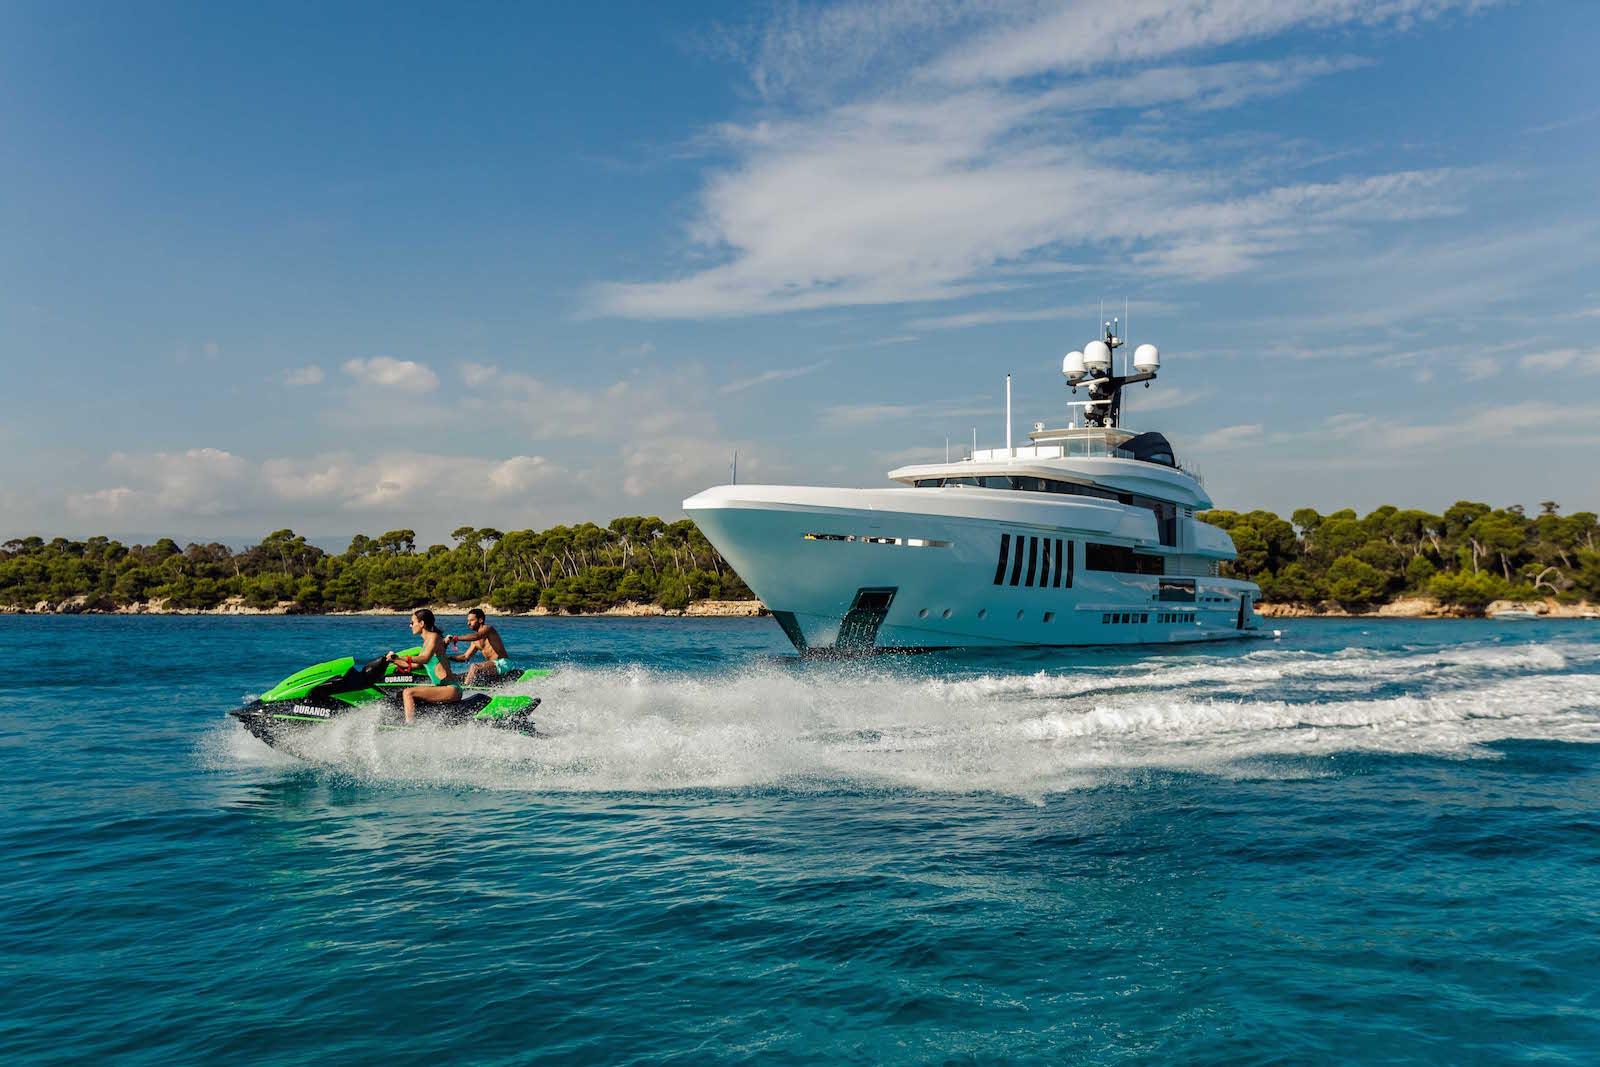 Iyc Luxury Yachting Worldwide